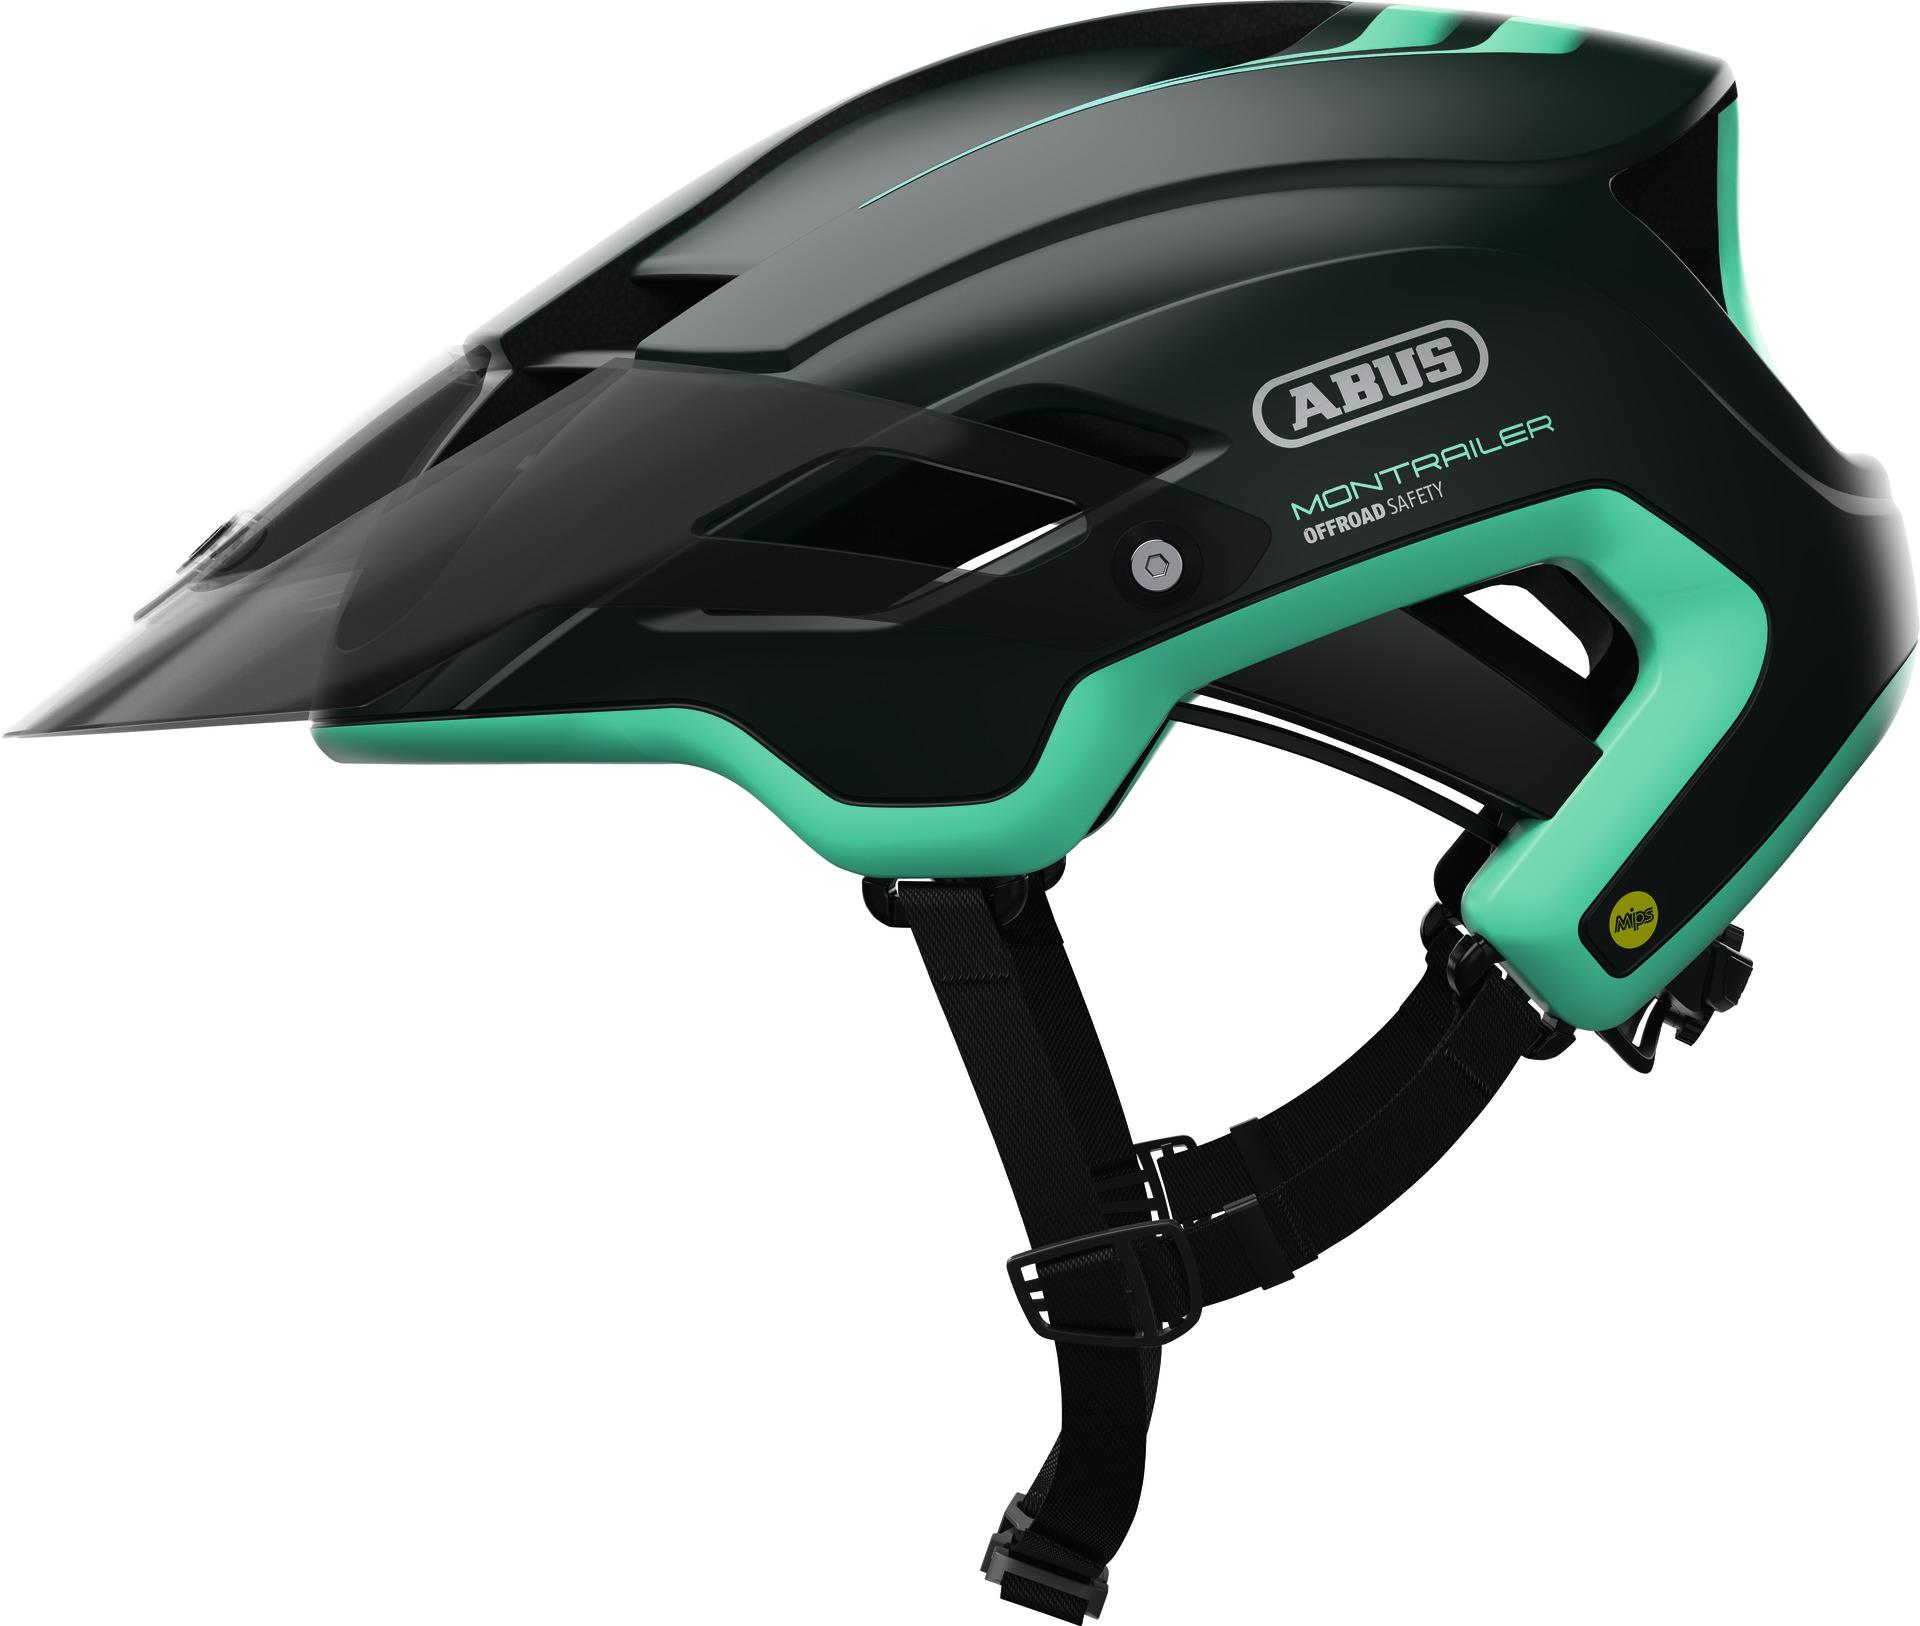 Helm mit mehr Stoßabsorption für den Hinterkopf und Nackenbereich